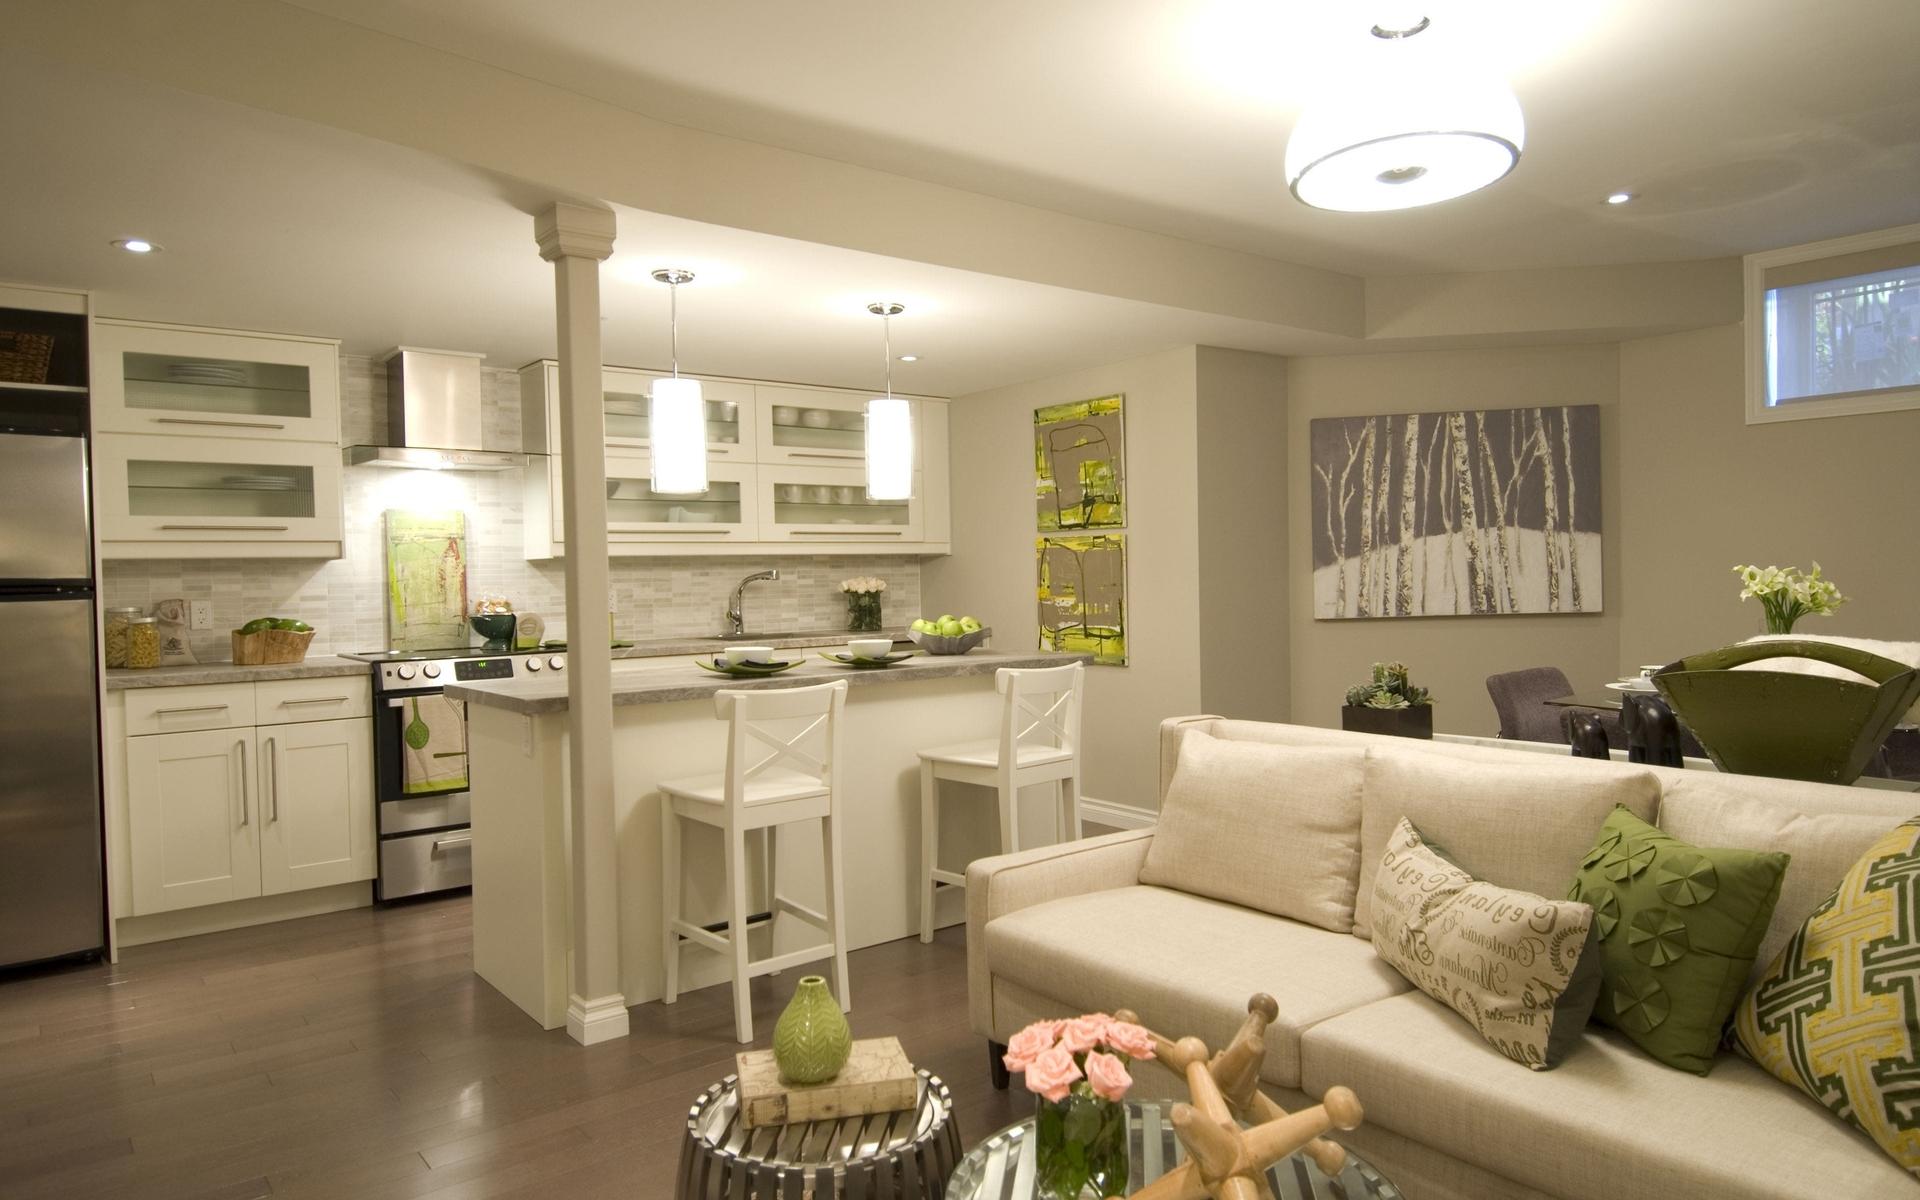 Дизайн кухни и гостиной в одной комнате — разделение на зоны